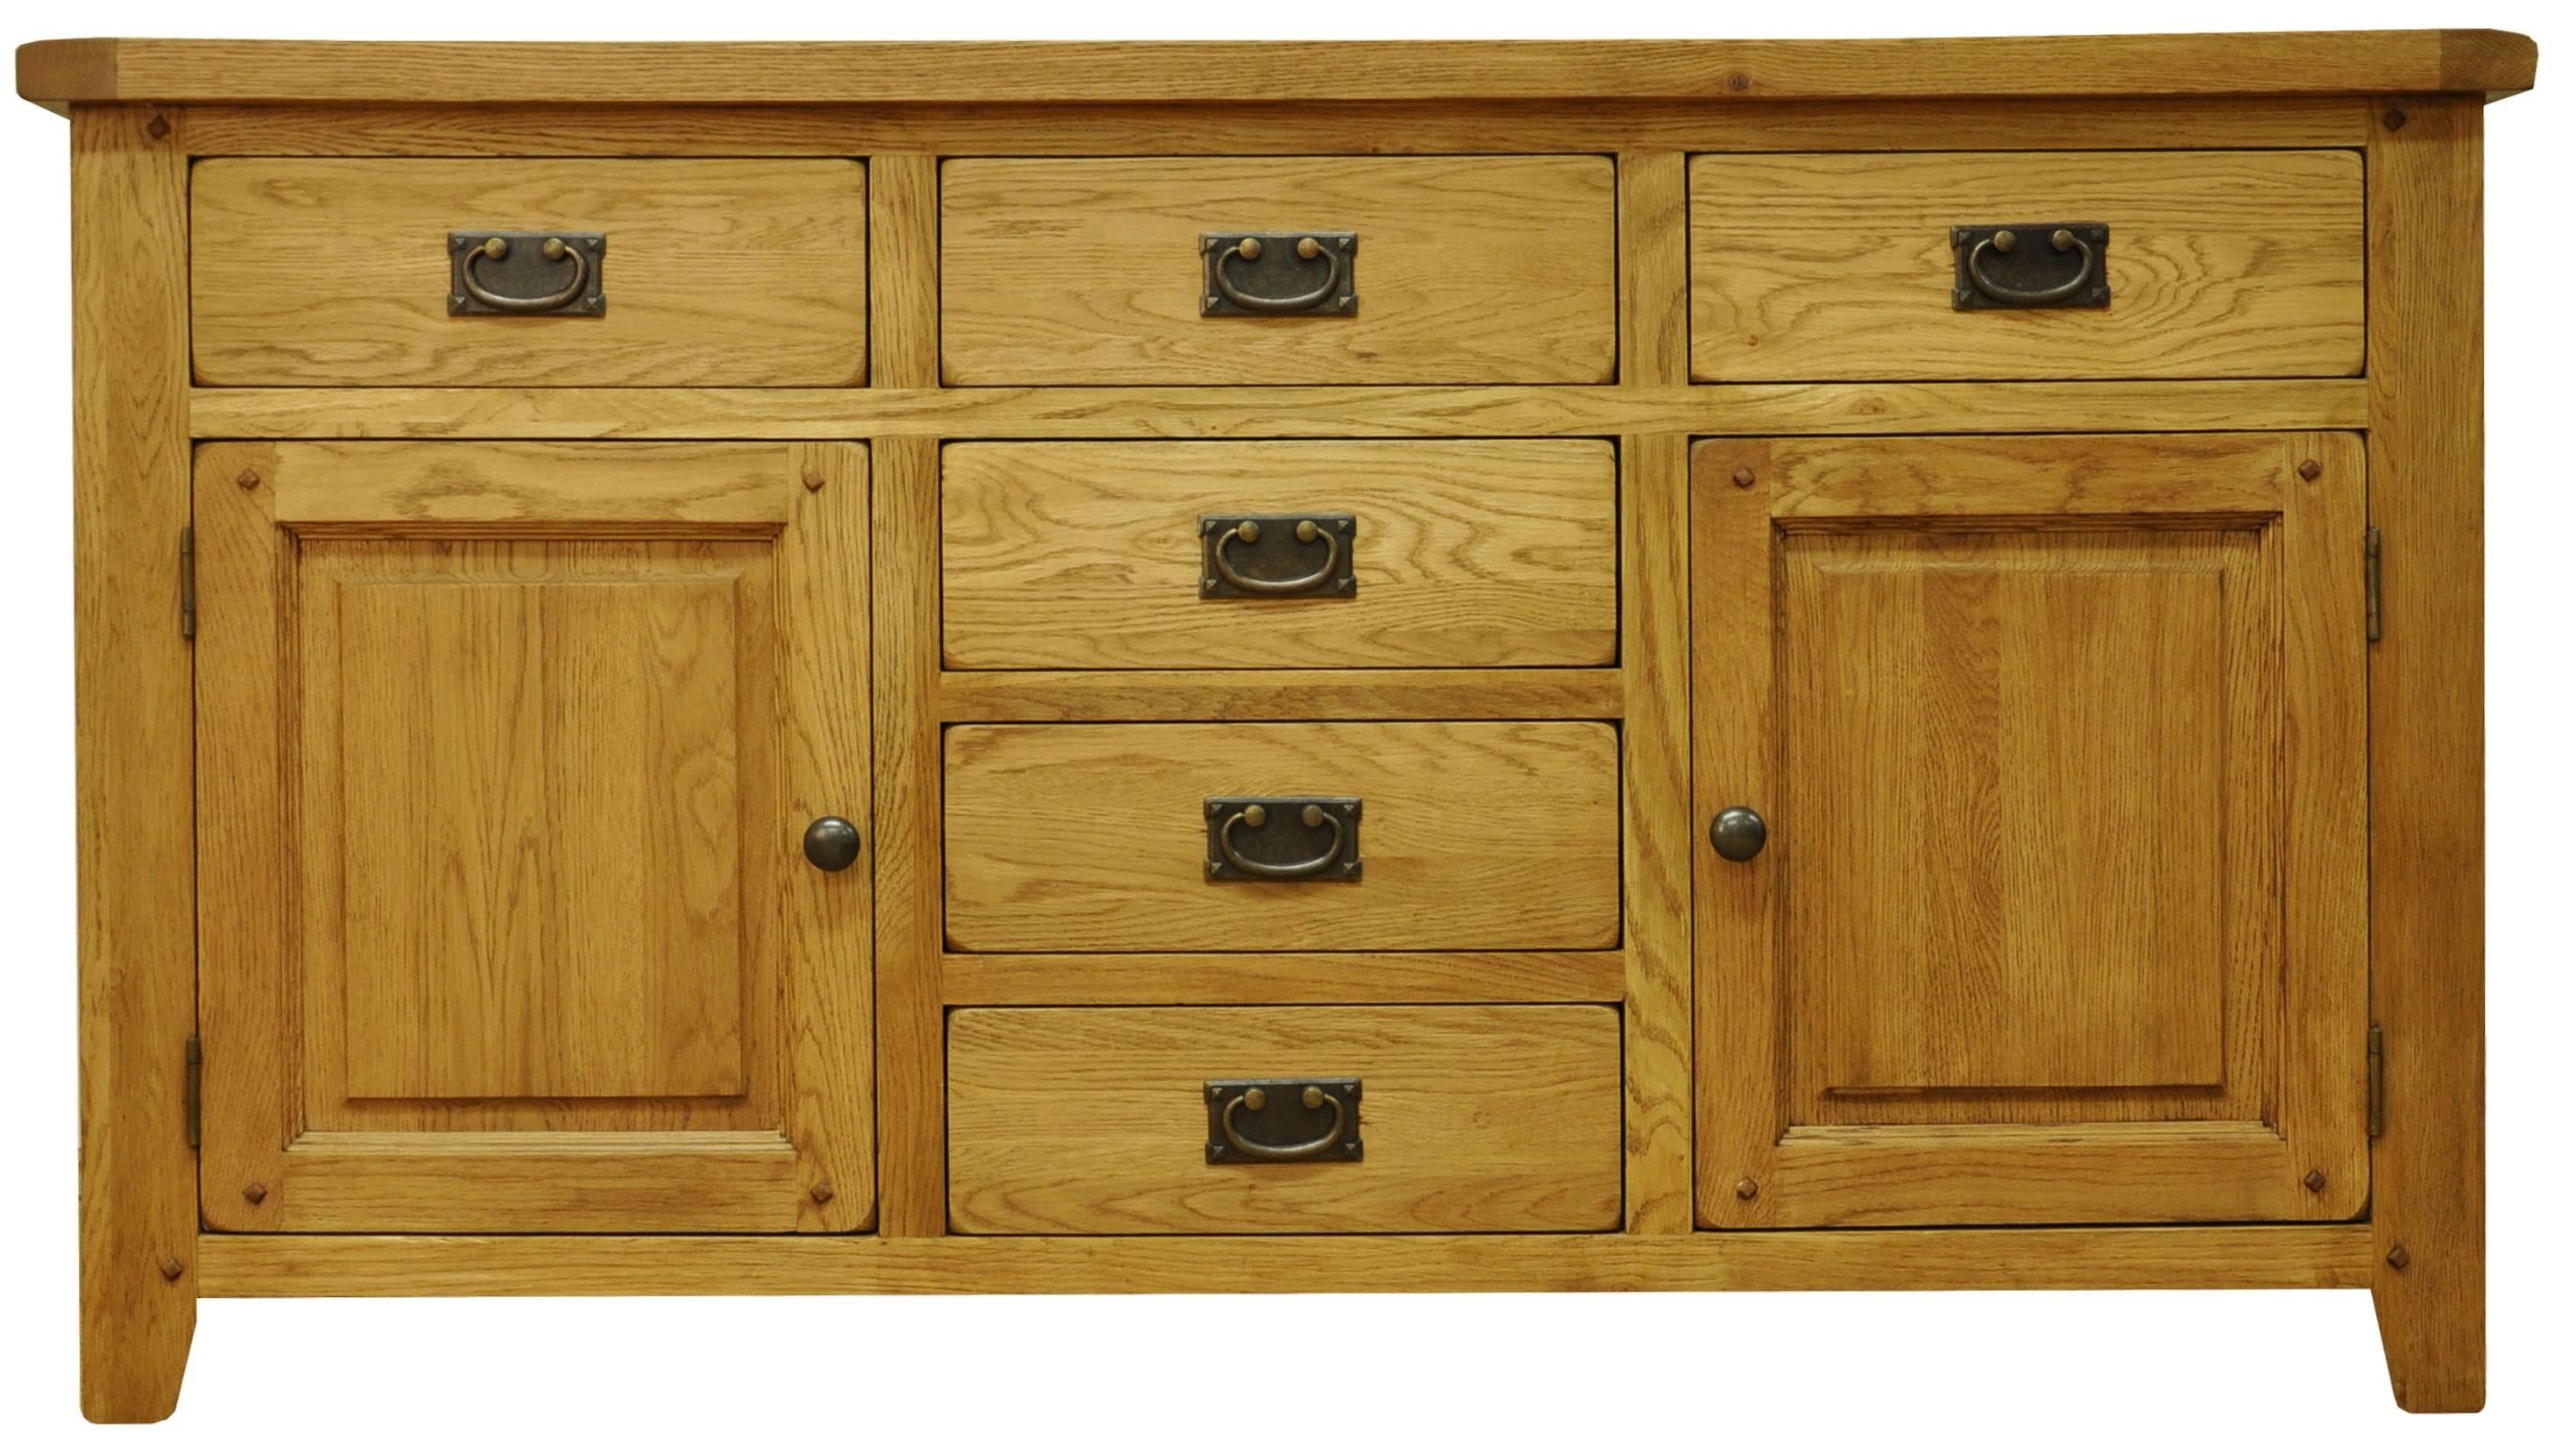 Oldbury Rustic Oak Sideboard With 2 Doors And 6 Drawersstanton Pertaining To Oak Sideboard Uk (View 15 of 20)